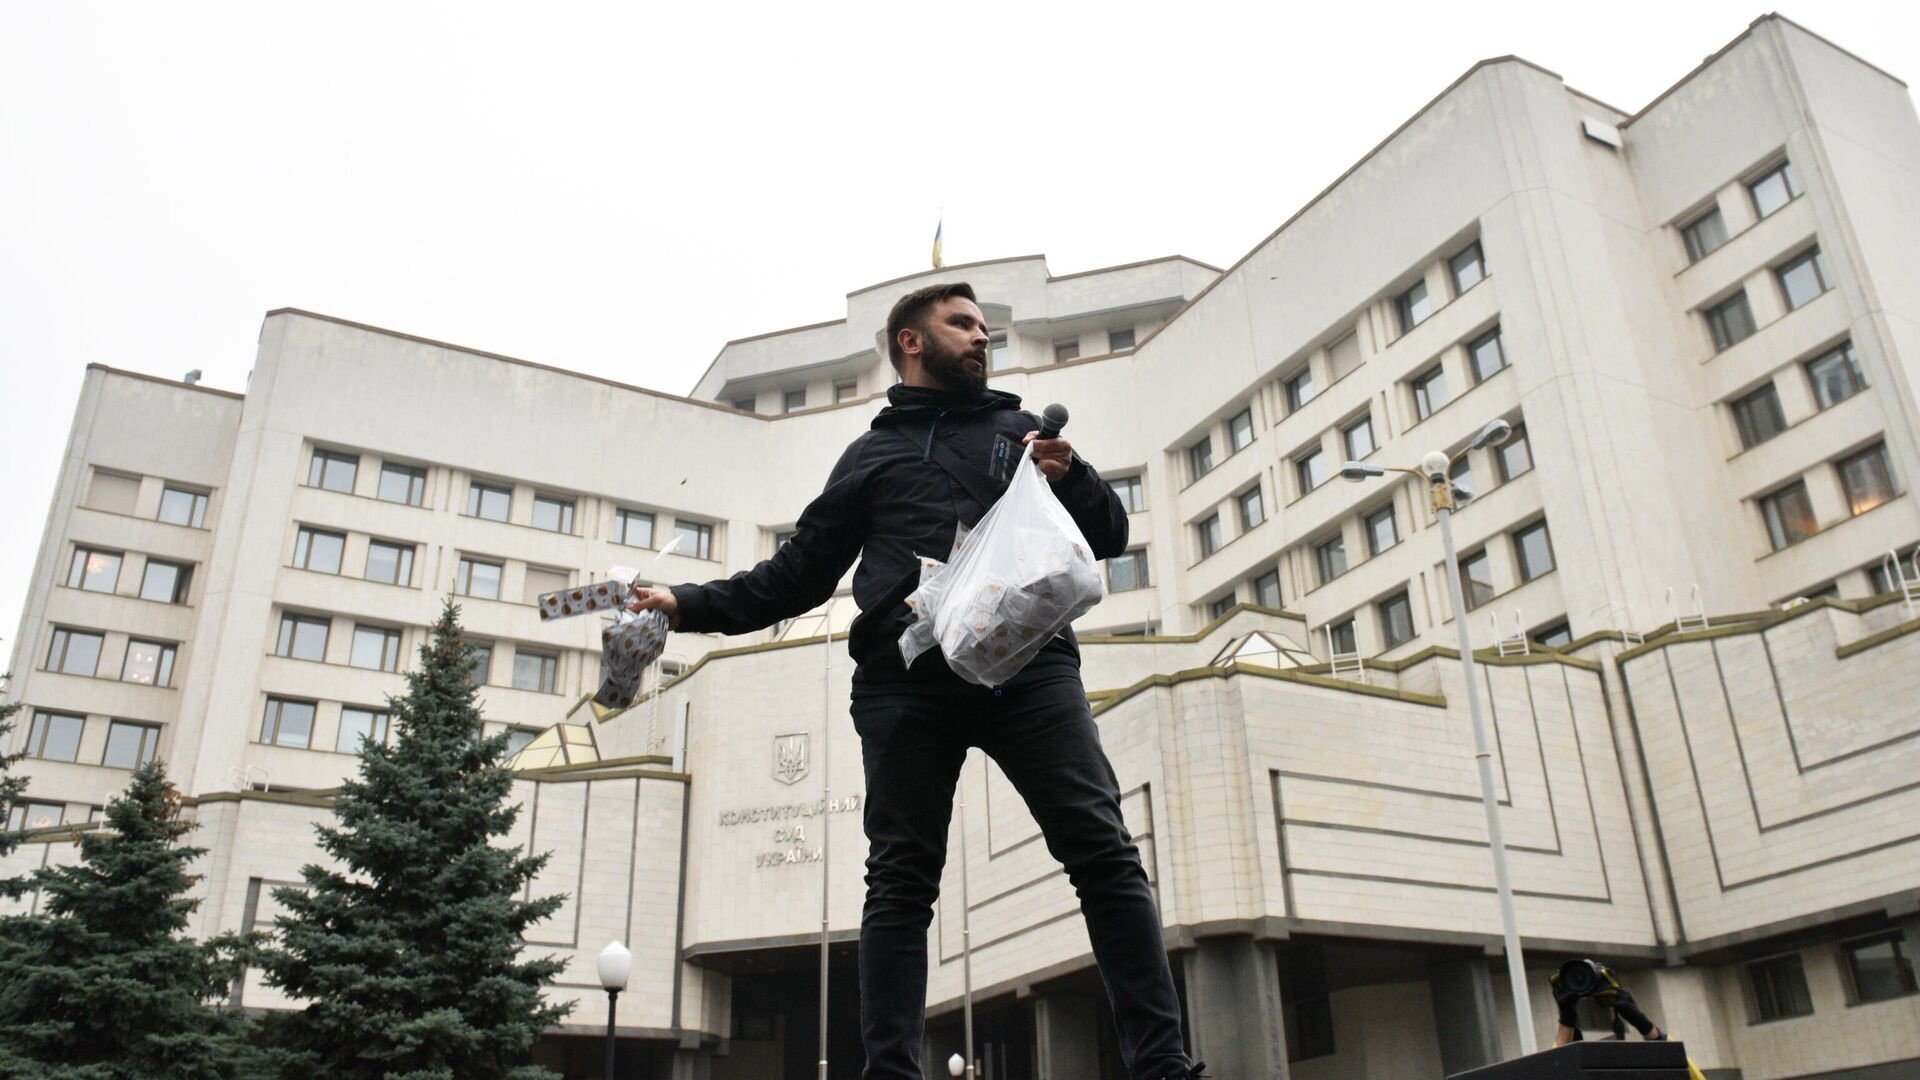 Участник акции протеста у здания Конституционного суда в Киеве - РИА Новости, 1920, 30.10.2020